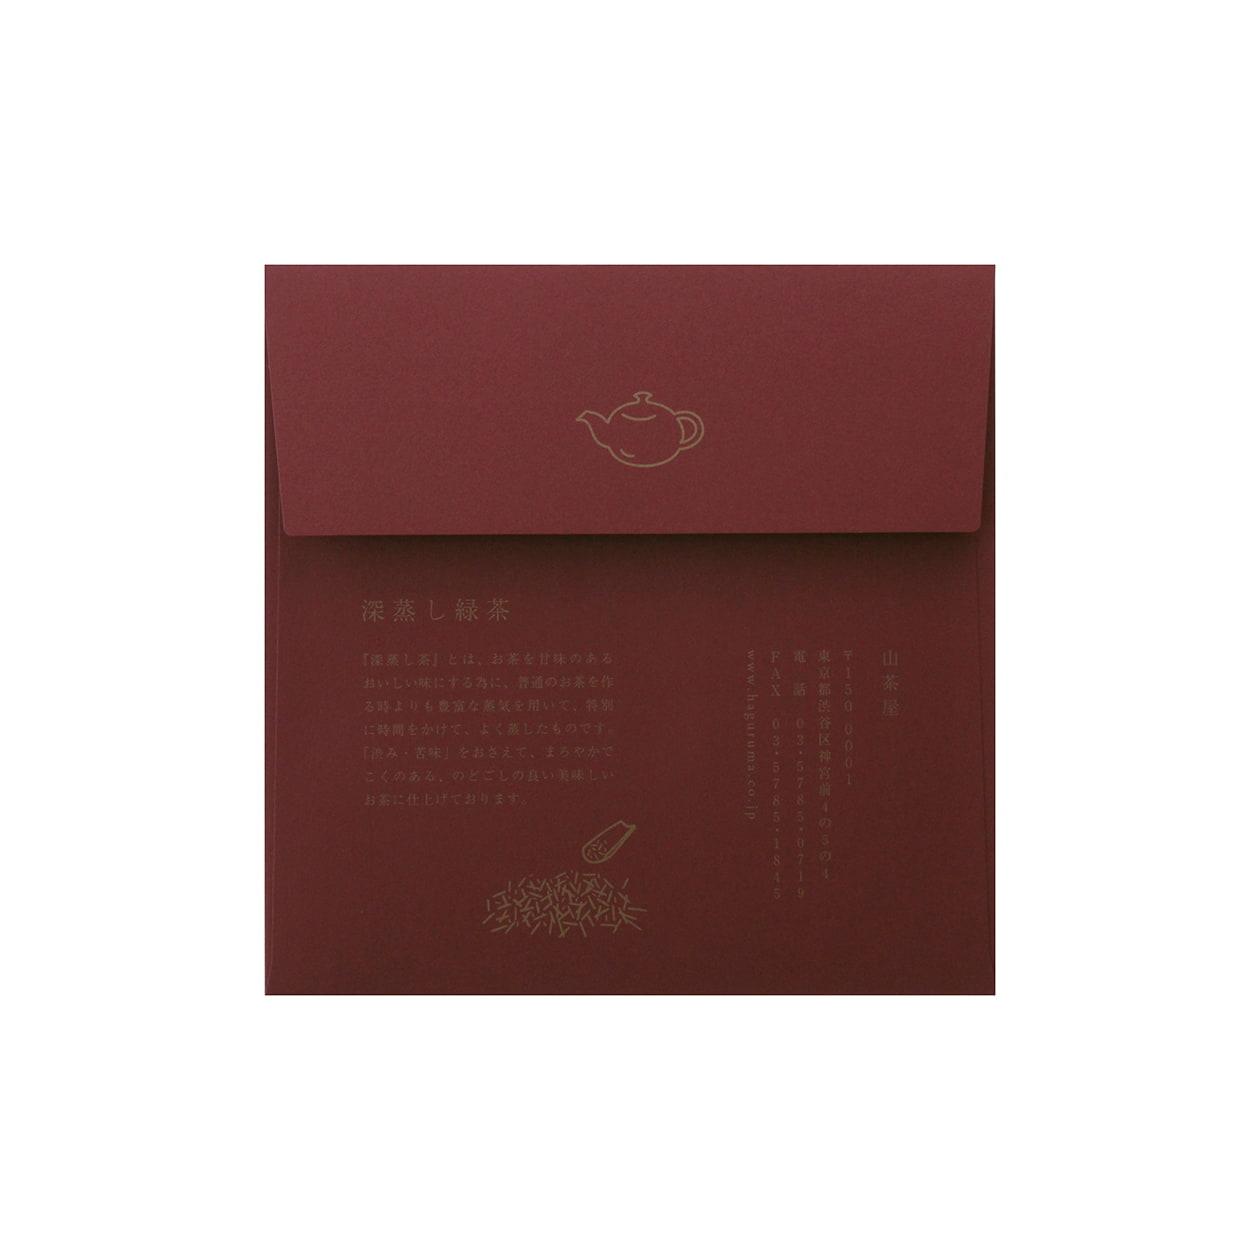 サンプル 封筒・袋 00106